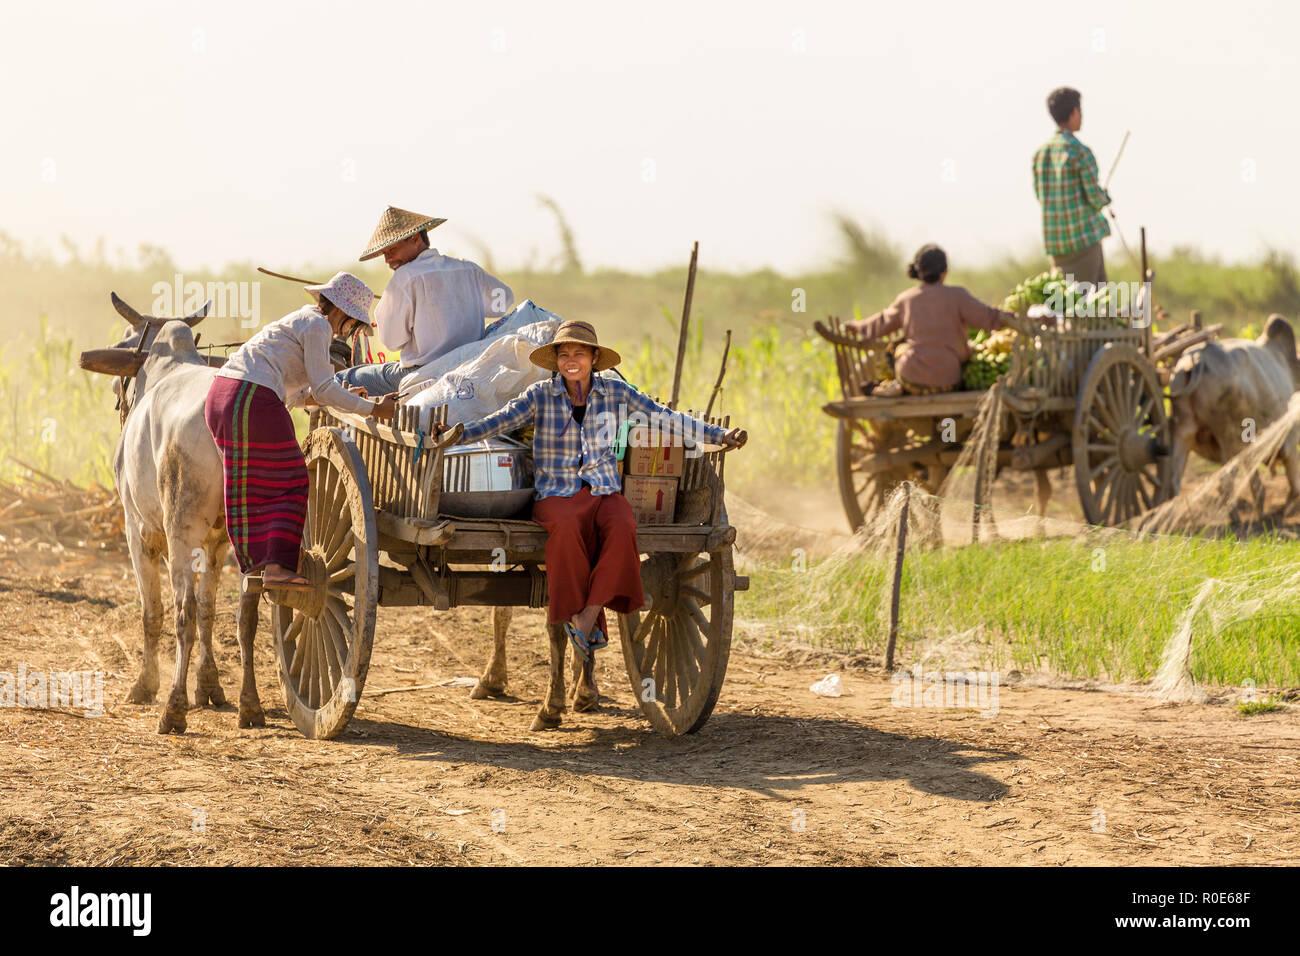 BAGAN, Myanmar, 21 de enero de 2015 : los agricultores birmanos conducir una carreta de descarga están llegando a un barco de alimentos y materiales a lo largo del río Irrawaddy ne Foto de stock